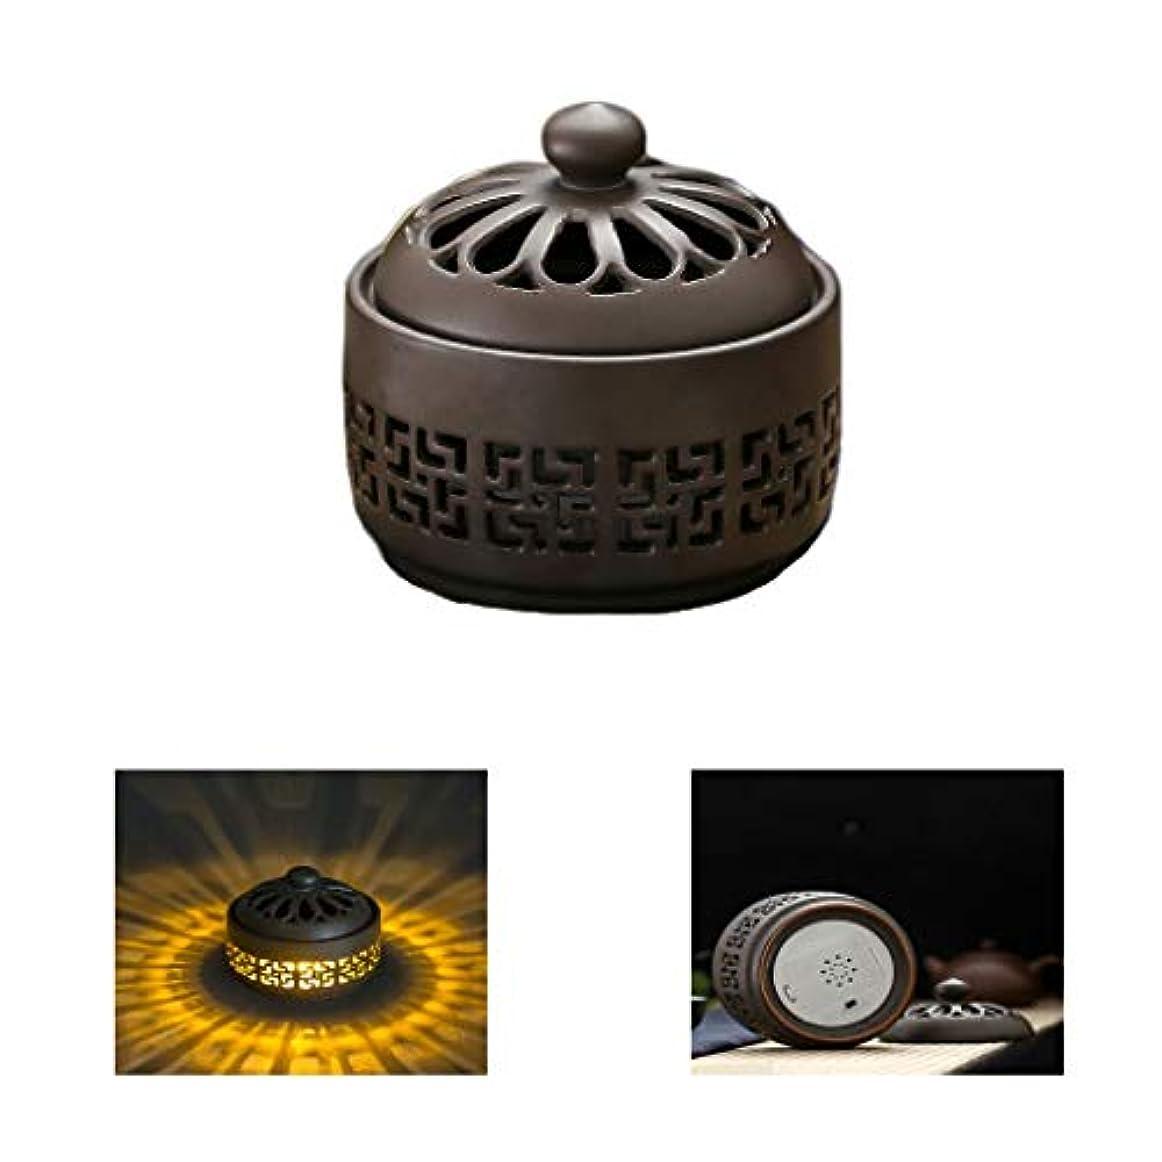 シート憲法ナイロンホームアロマバーナー 夜の光香バーナーセラミック皿香バーナー茶道香炉禅アロマセラピー炉 アロマバーナー (Color : Naturals)